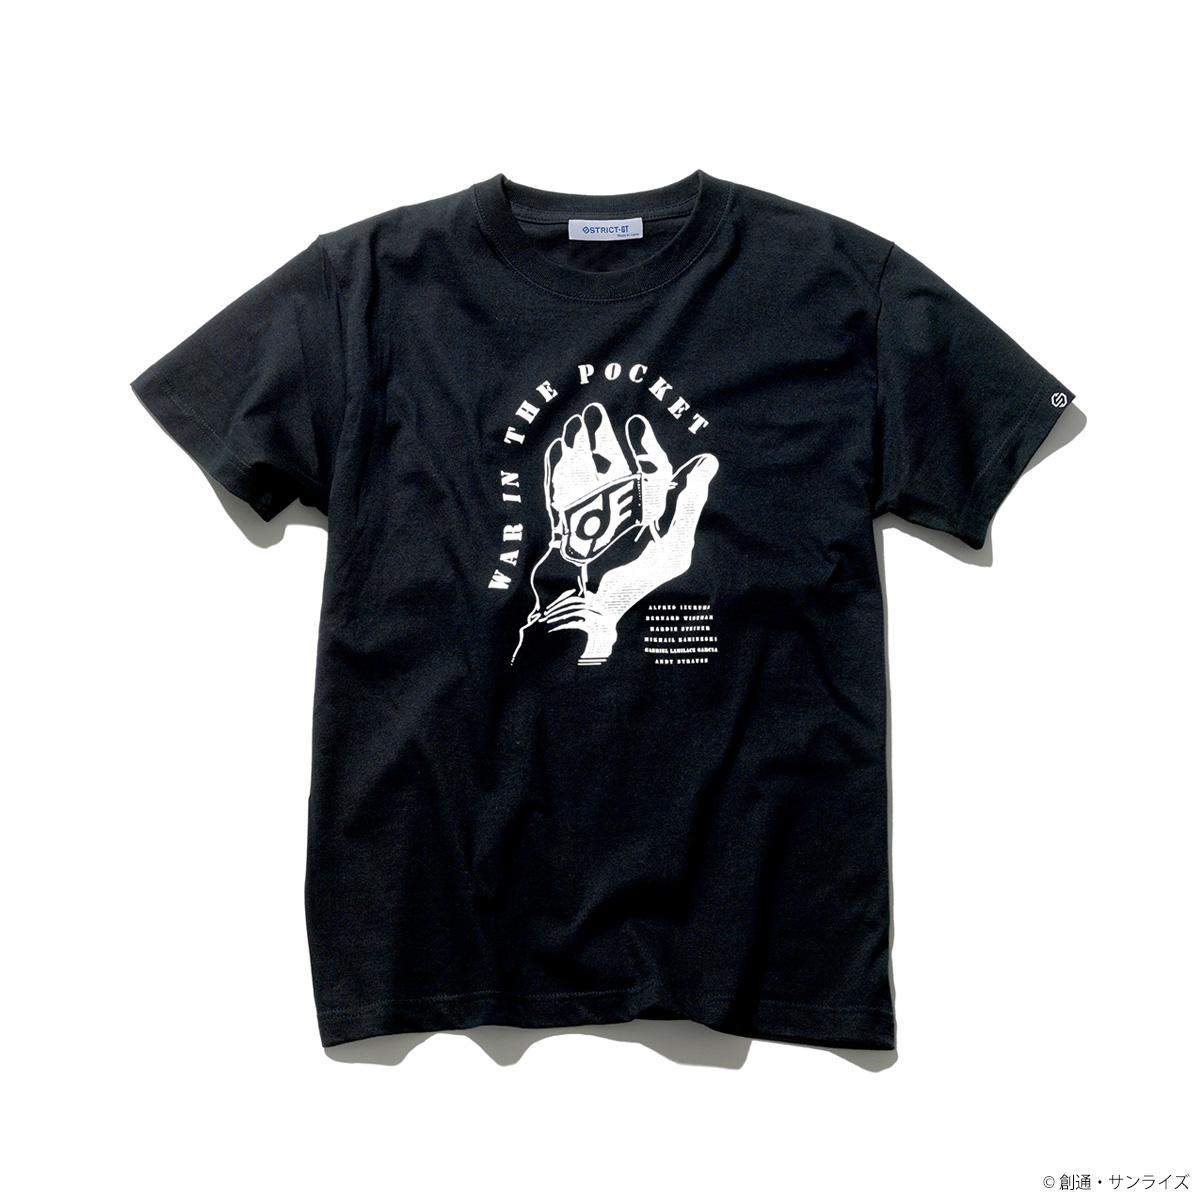 『機動戦士ガンダム0080 ポケットの中の戦争』Tシャツ Cyclops Squad柄